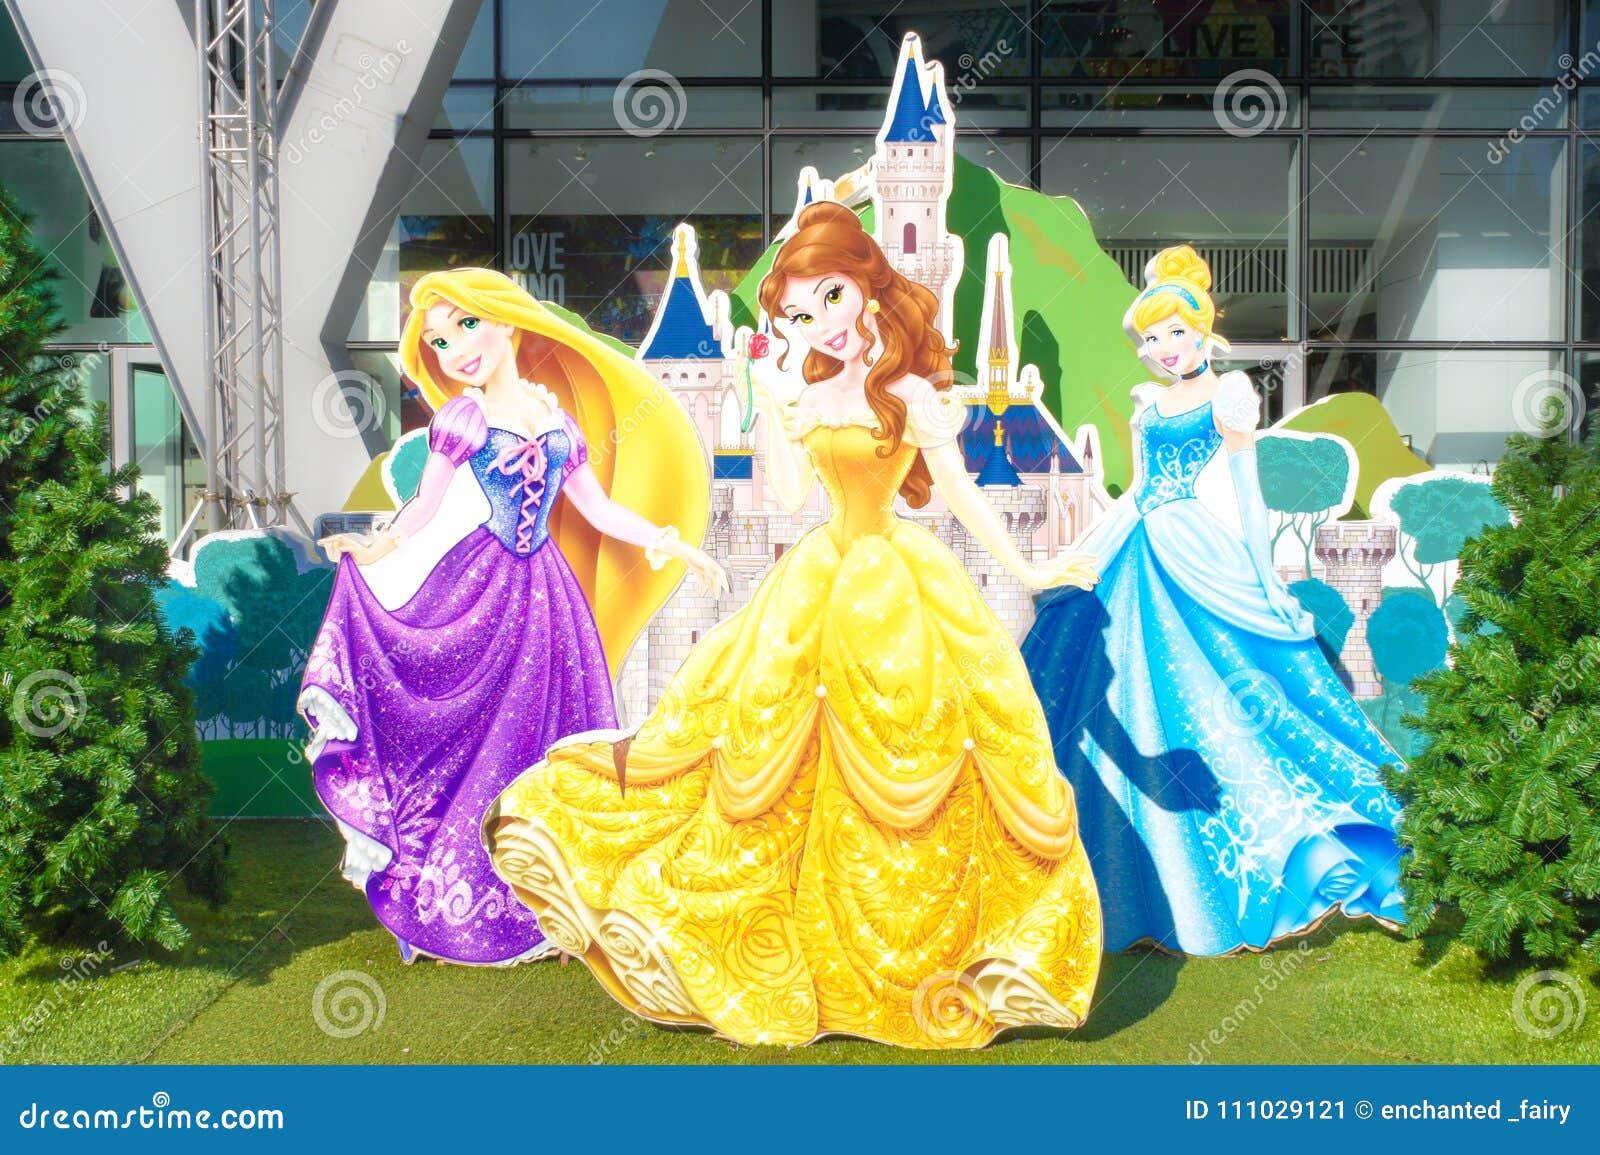 Disney-Prinzessinnen Rapunzel, Schönheit, Aschenputtel und Disney ziehen sich hinter ihnen zurück